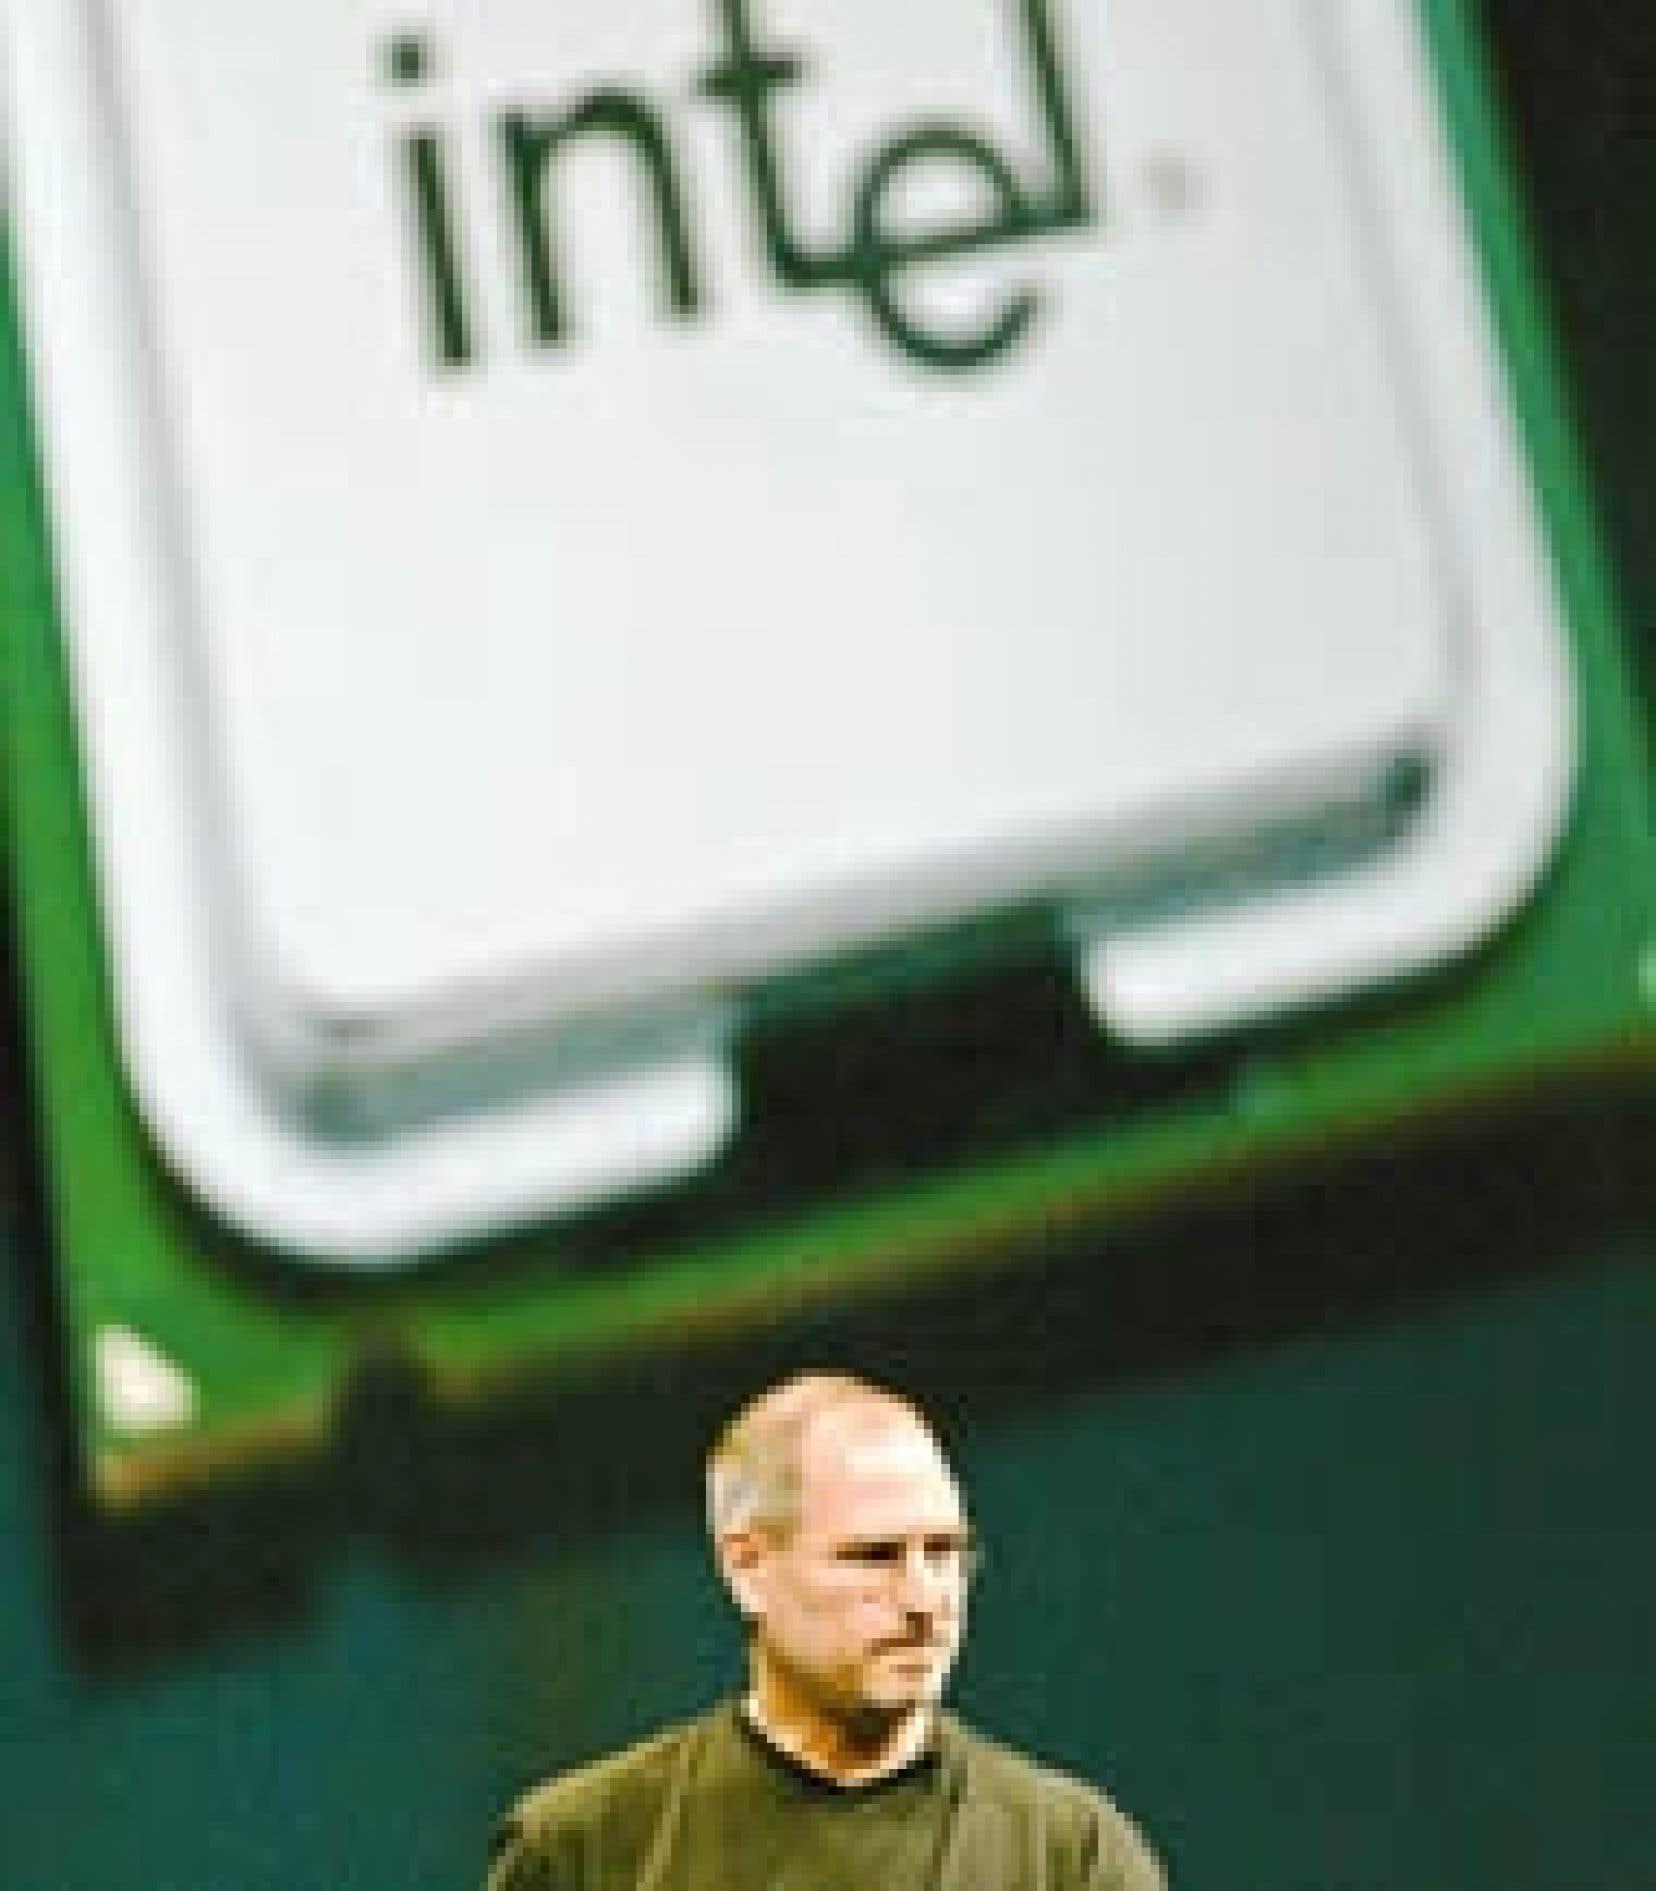 Le p.-d.g. d'Apple, Steve Jobs, a confirmé hier les informations qui circulaient dans la presse américaine: son association avec IBM prend fin, et les ordinateurs Mac seront dès l'année prochaine équipés de puces Intel.